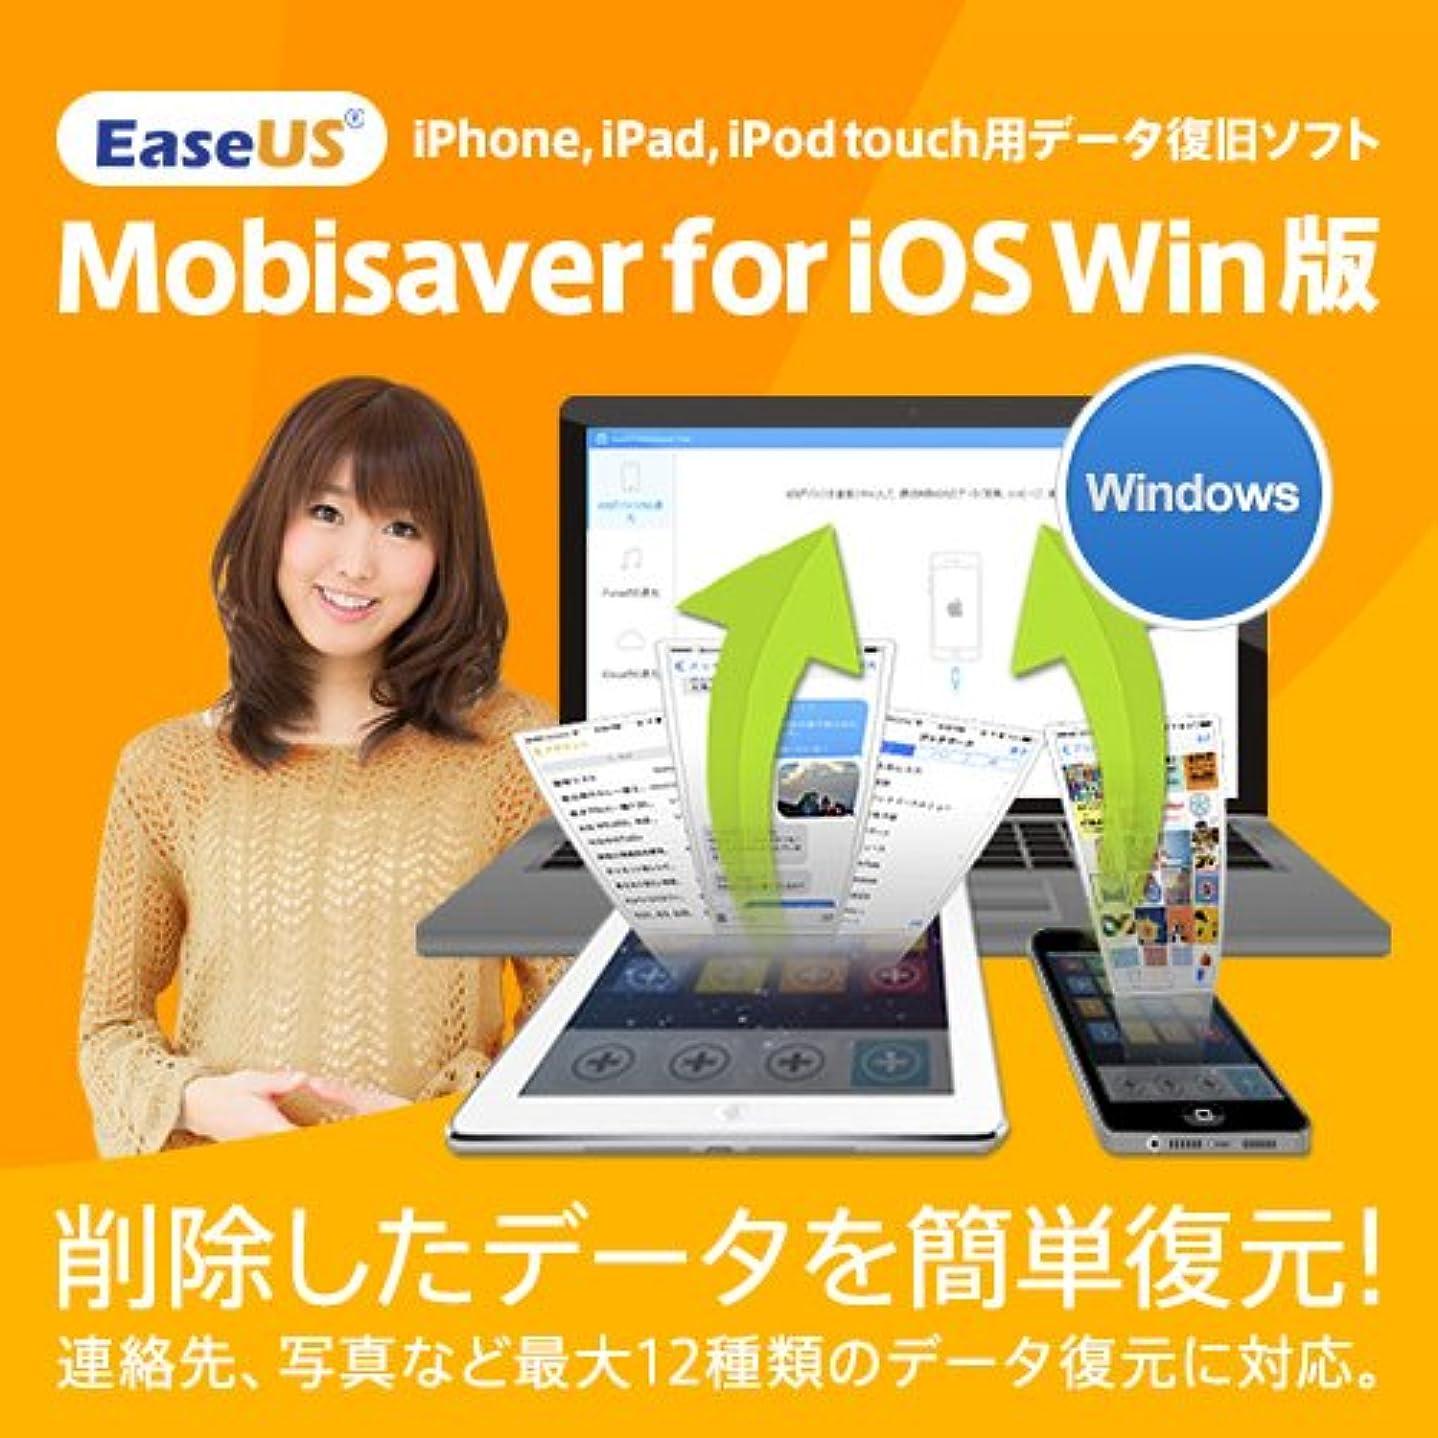 EaseUS MobiSaver for iOS Win 1ライセンス【iPhoneデータをPC上に復元/iTunesバックアップ?iCloudデータ抽出/iPhoneの故障、トラブルに】|ダウンロード版